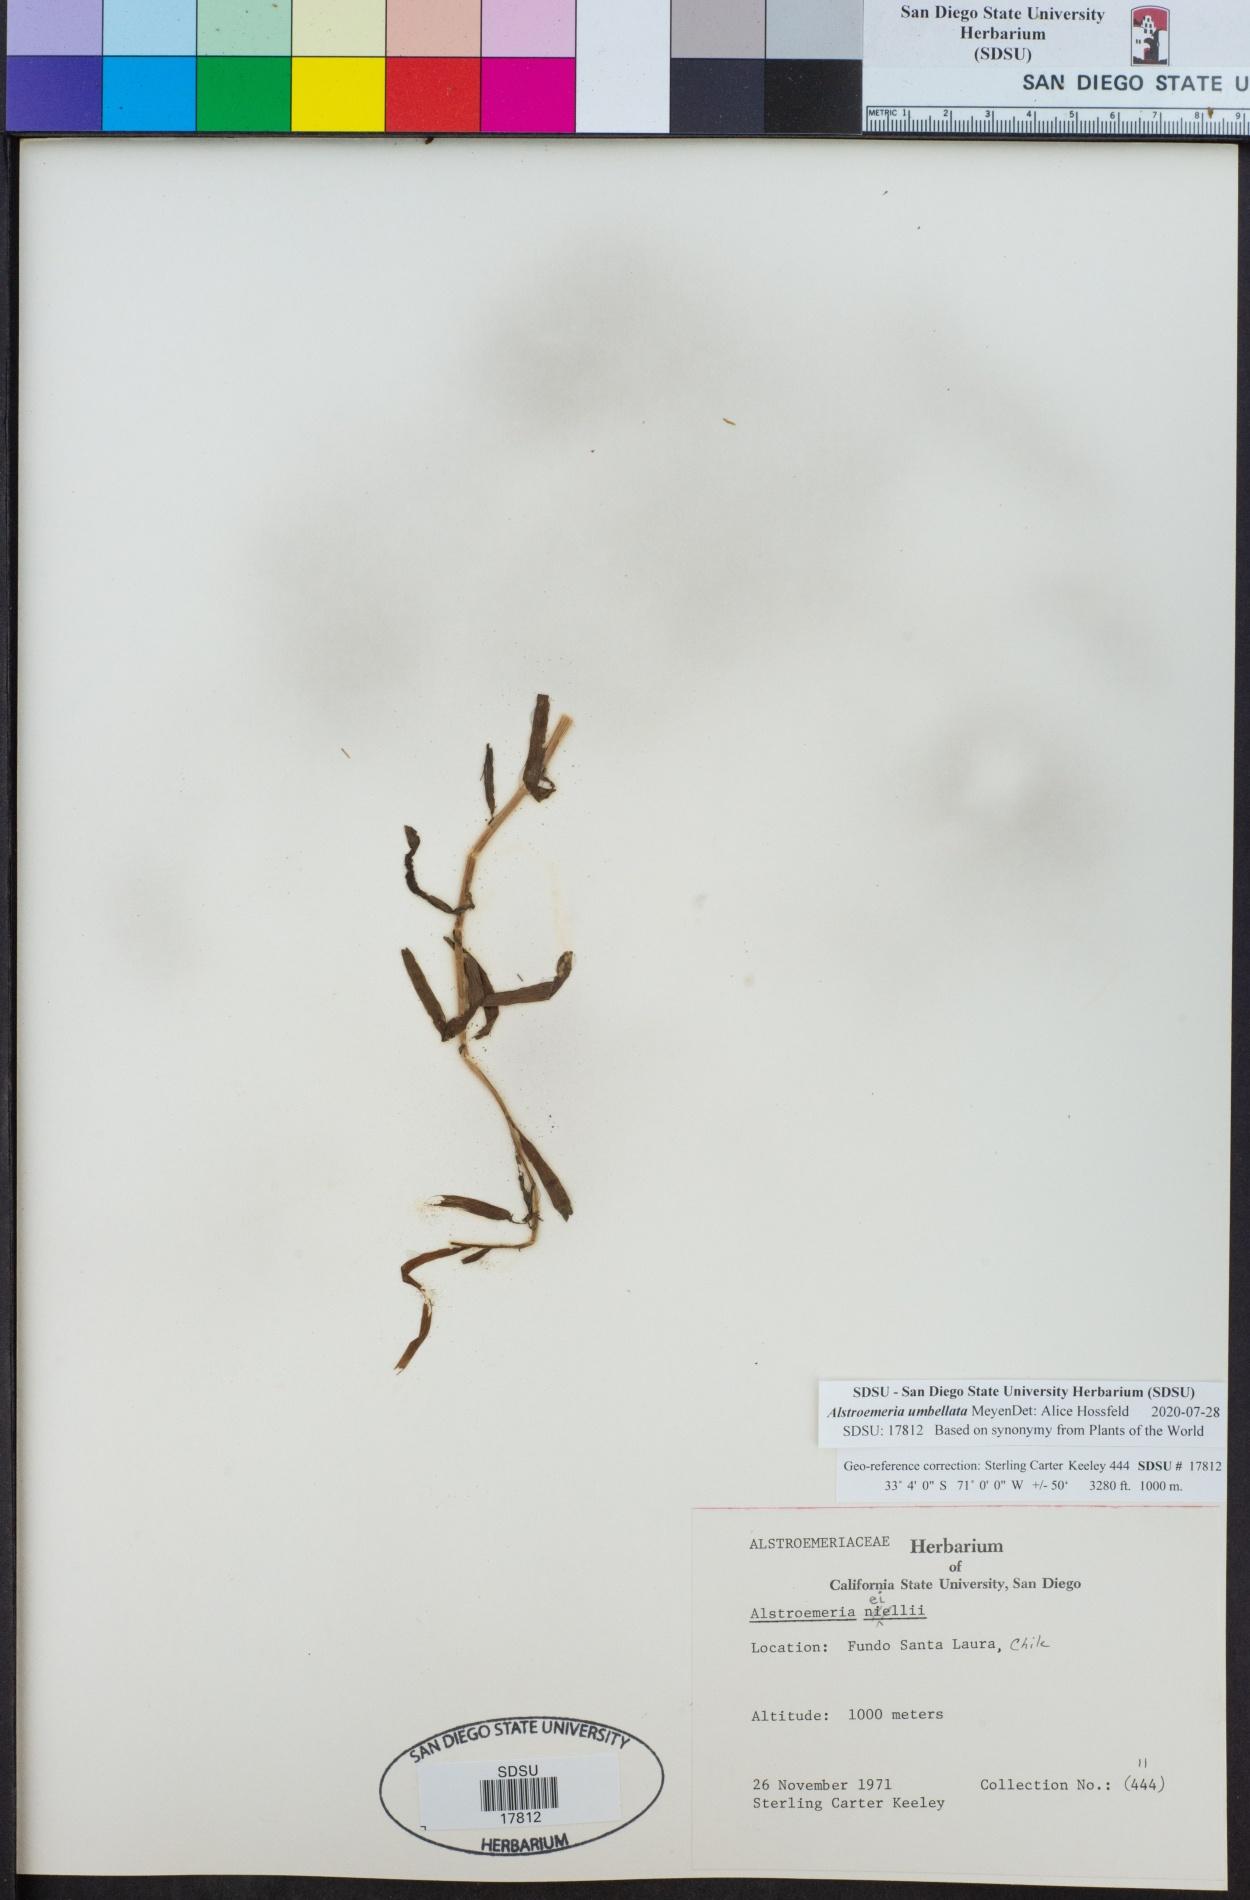 Alstroemeria umbellata image